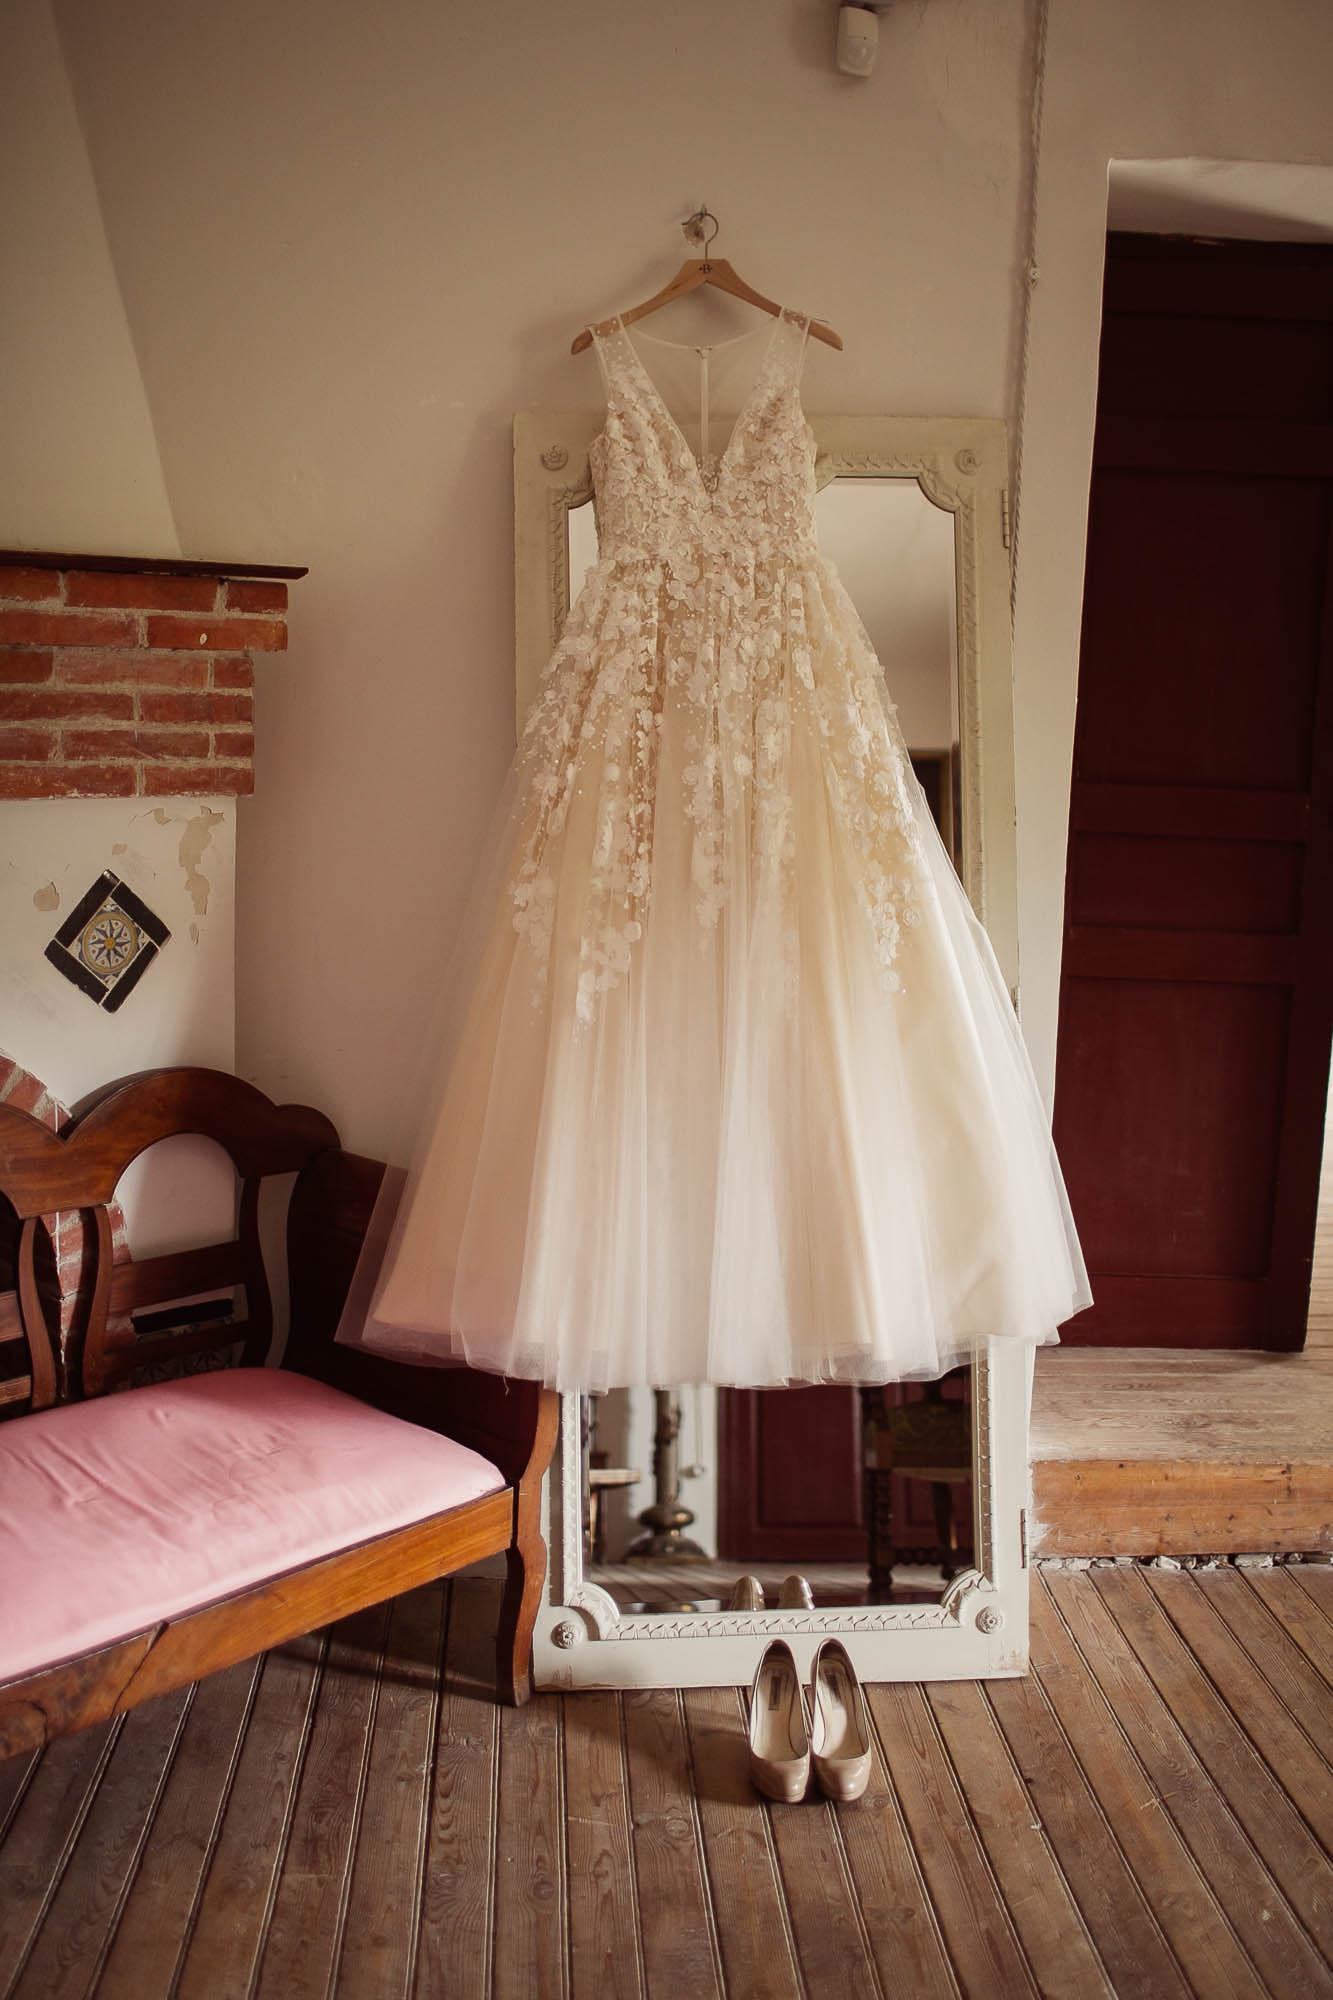 Detalle de la cola del vestido de encaje de flores